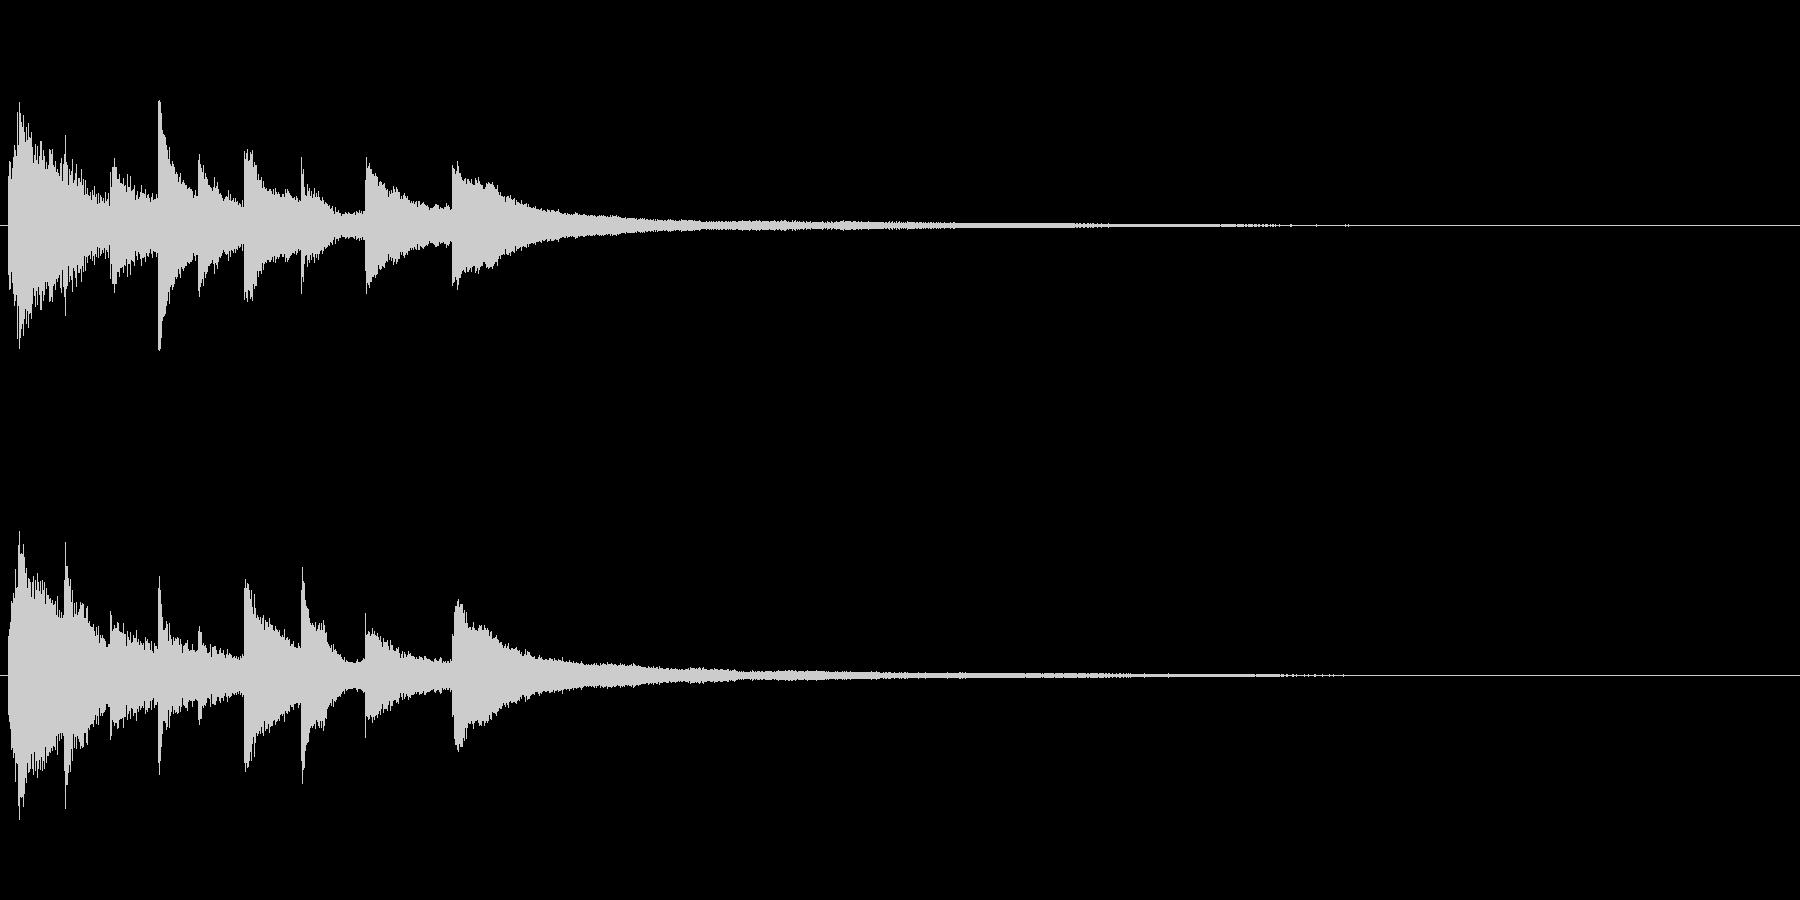 ピアノソロサウンドロゴ 優雅 大人 12の未再生の波形